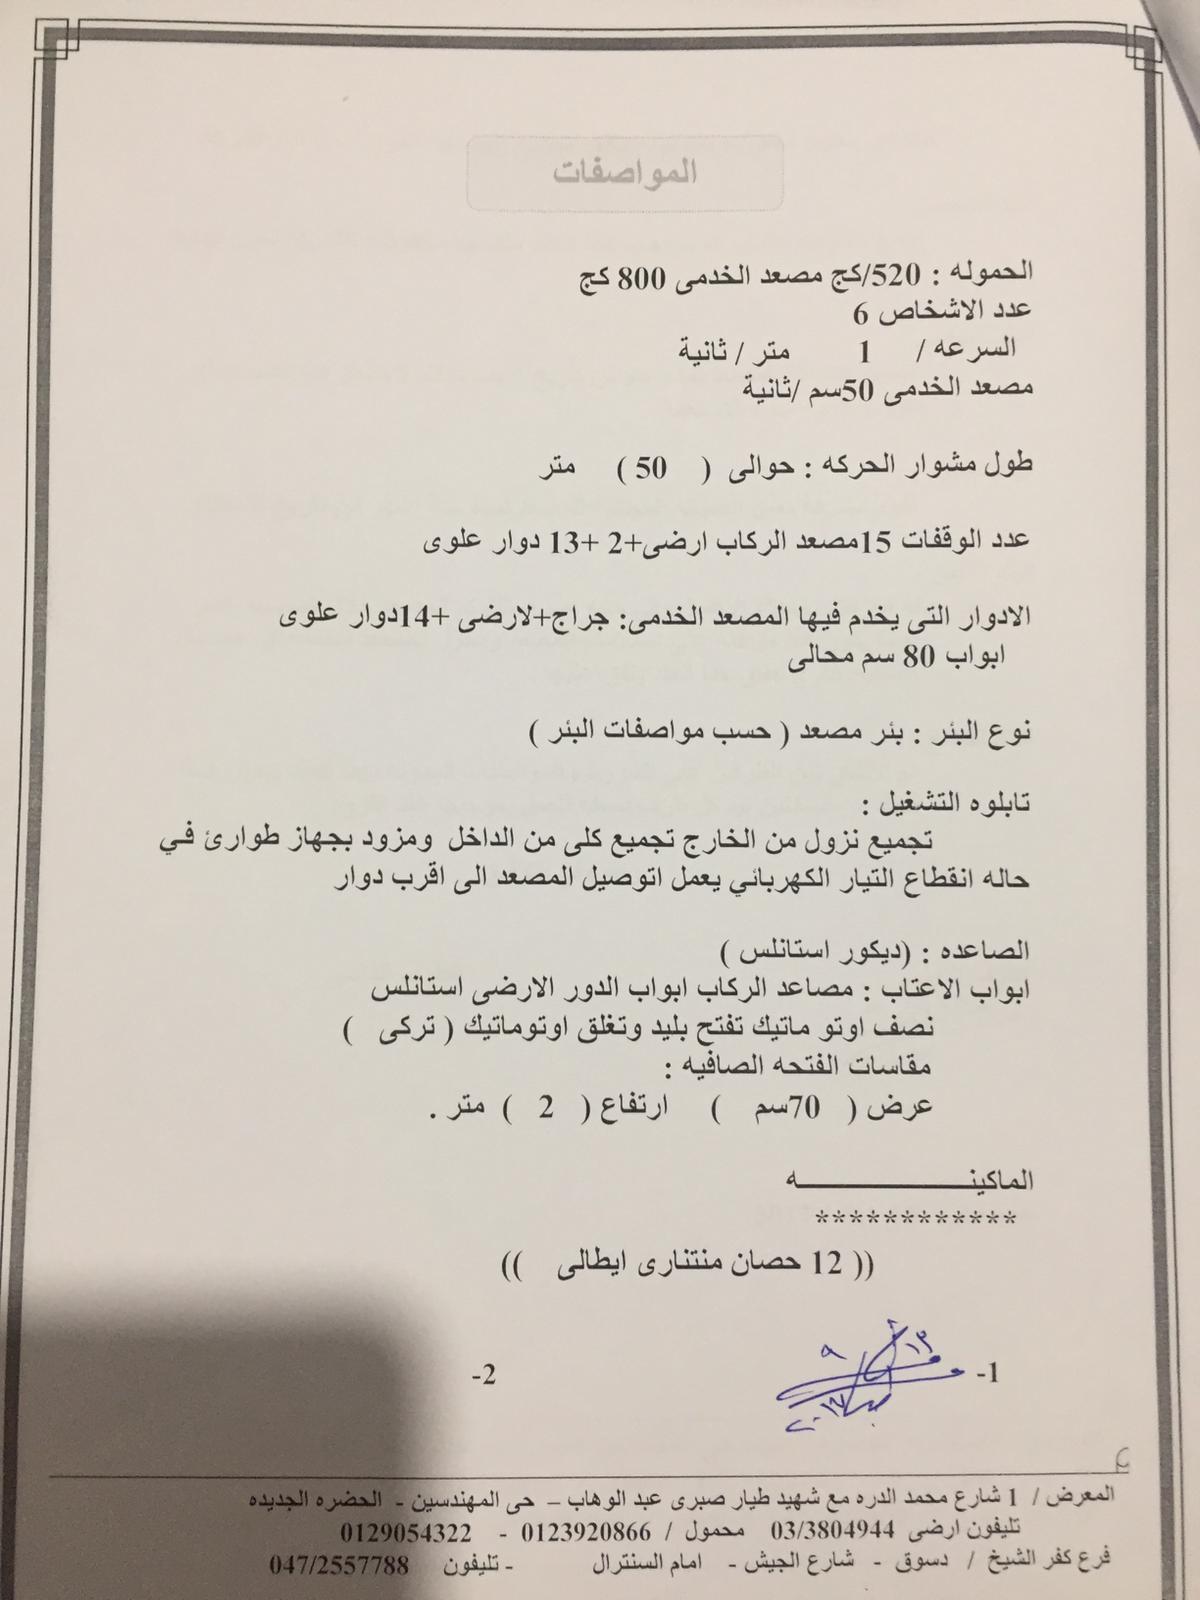 أزمة مشروع سيتي بالاس بالإسكندرية (58)